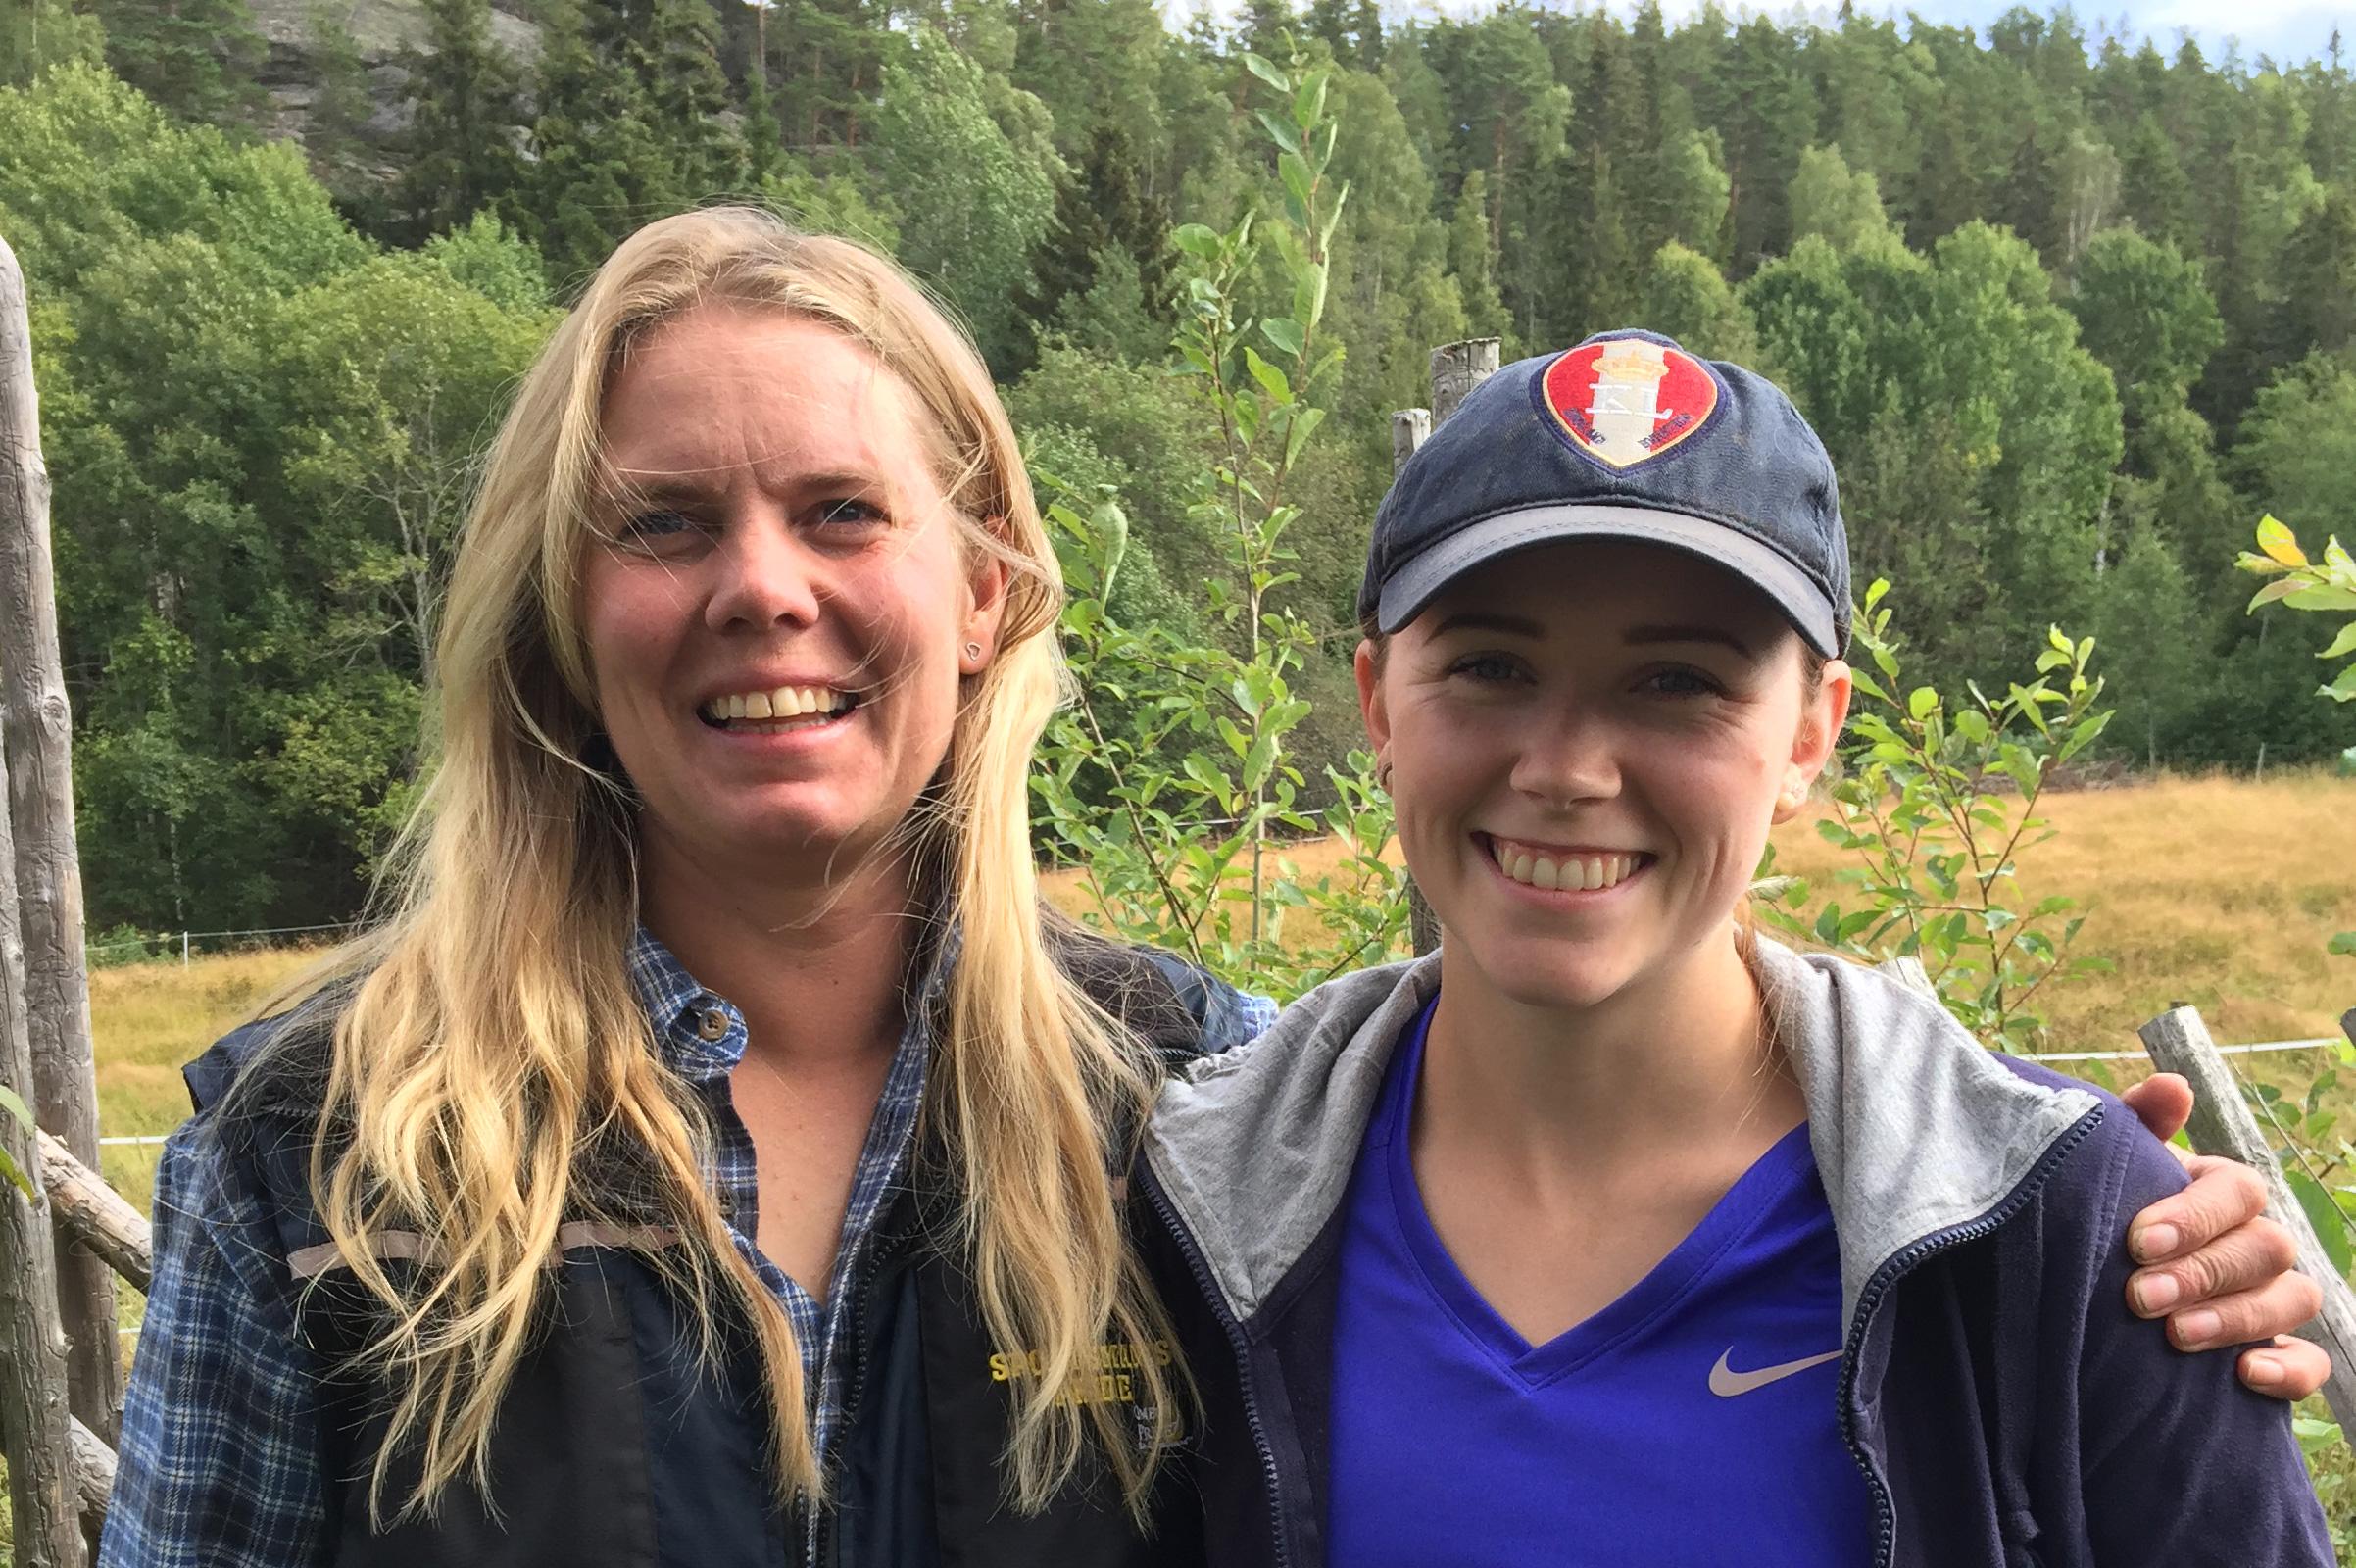 Lykkelig er mester Jeanette Øyan i Salmakeriet og ny svenn Katrine Lofgren Sagstuen som allerede har startet sin yrkeskarriere med egen salmakerbedrift KLS.